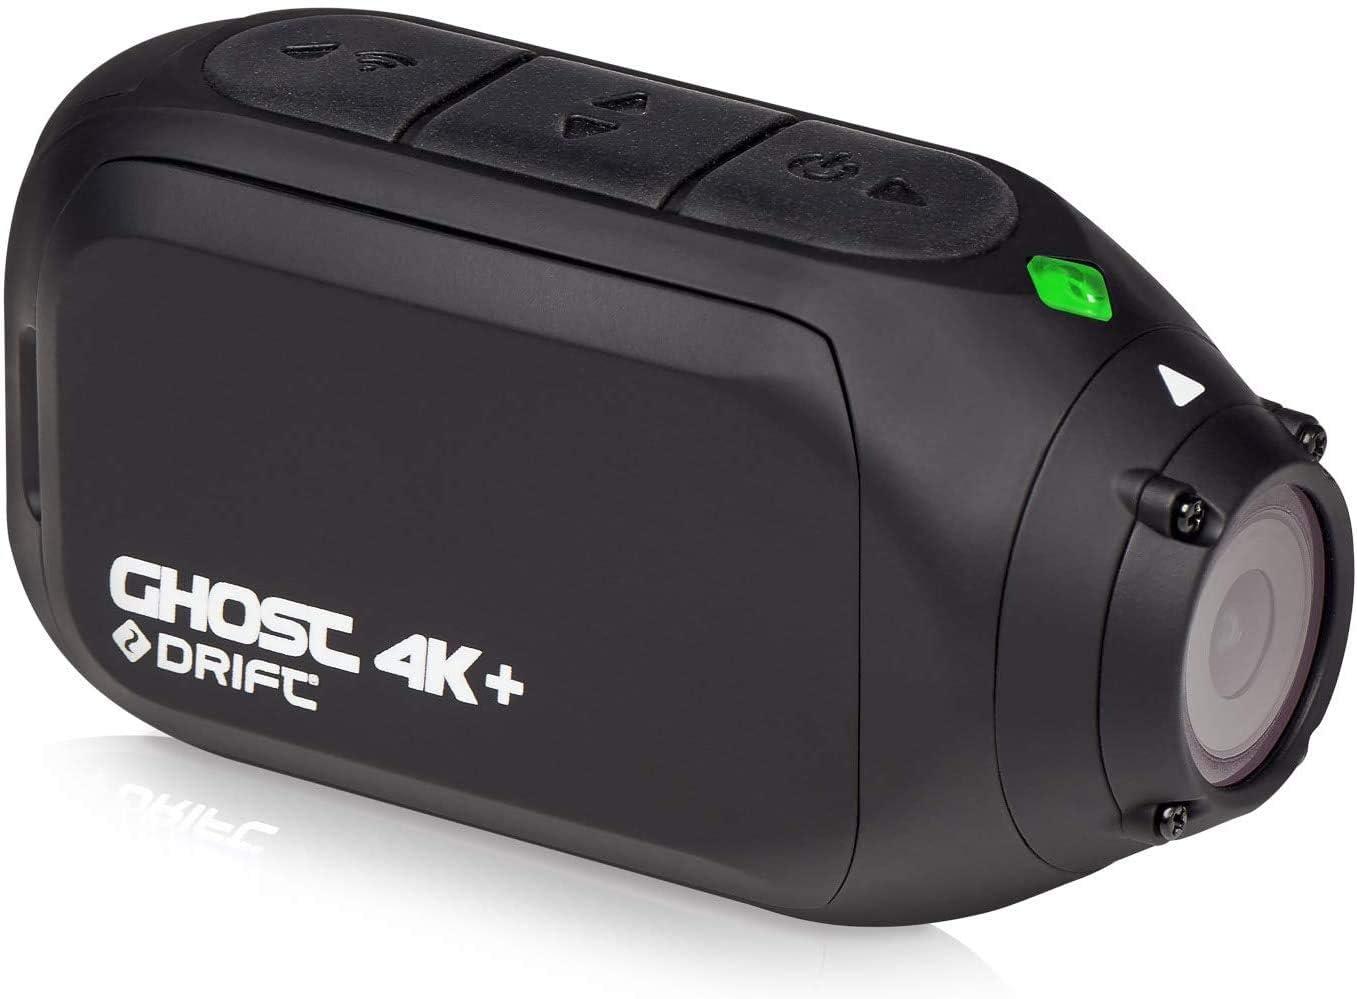 drift ghost 4K+ helmet camera for motorcycle